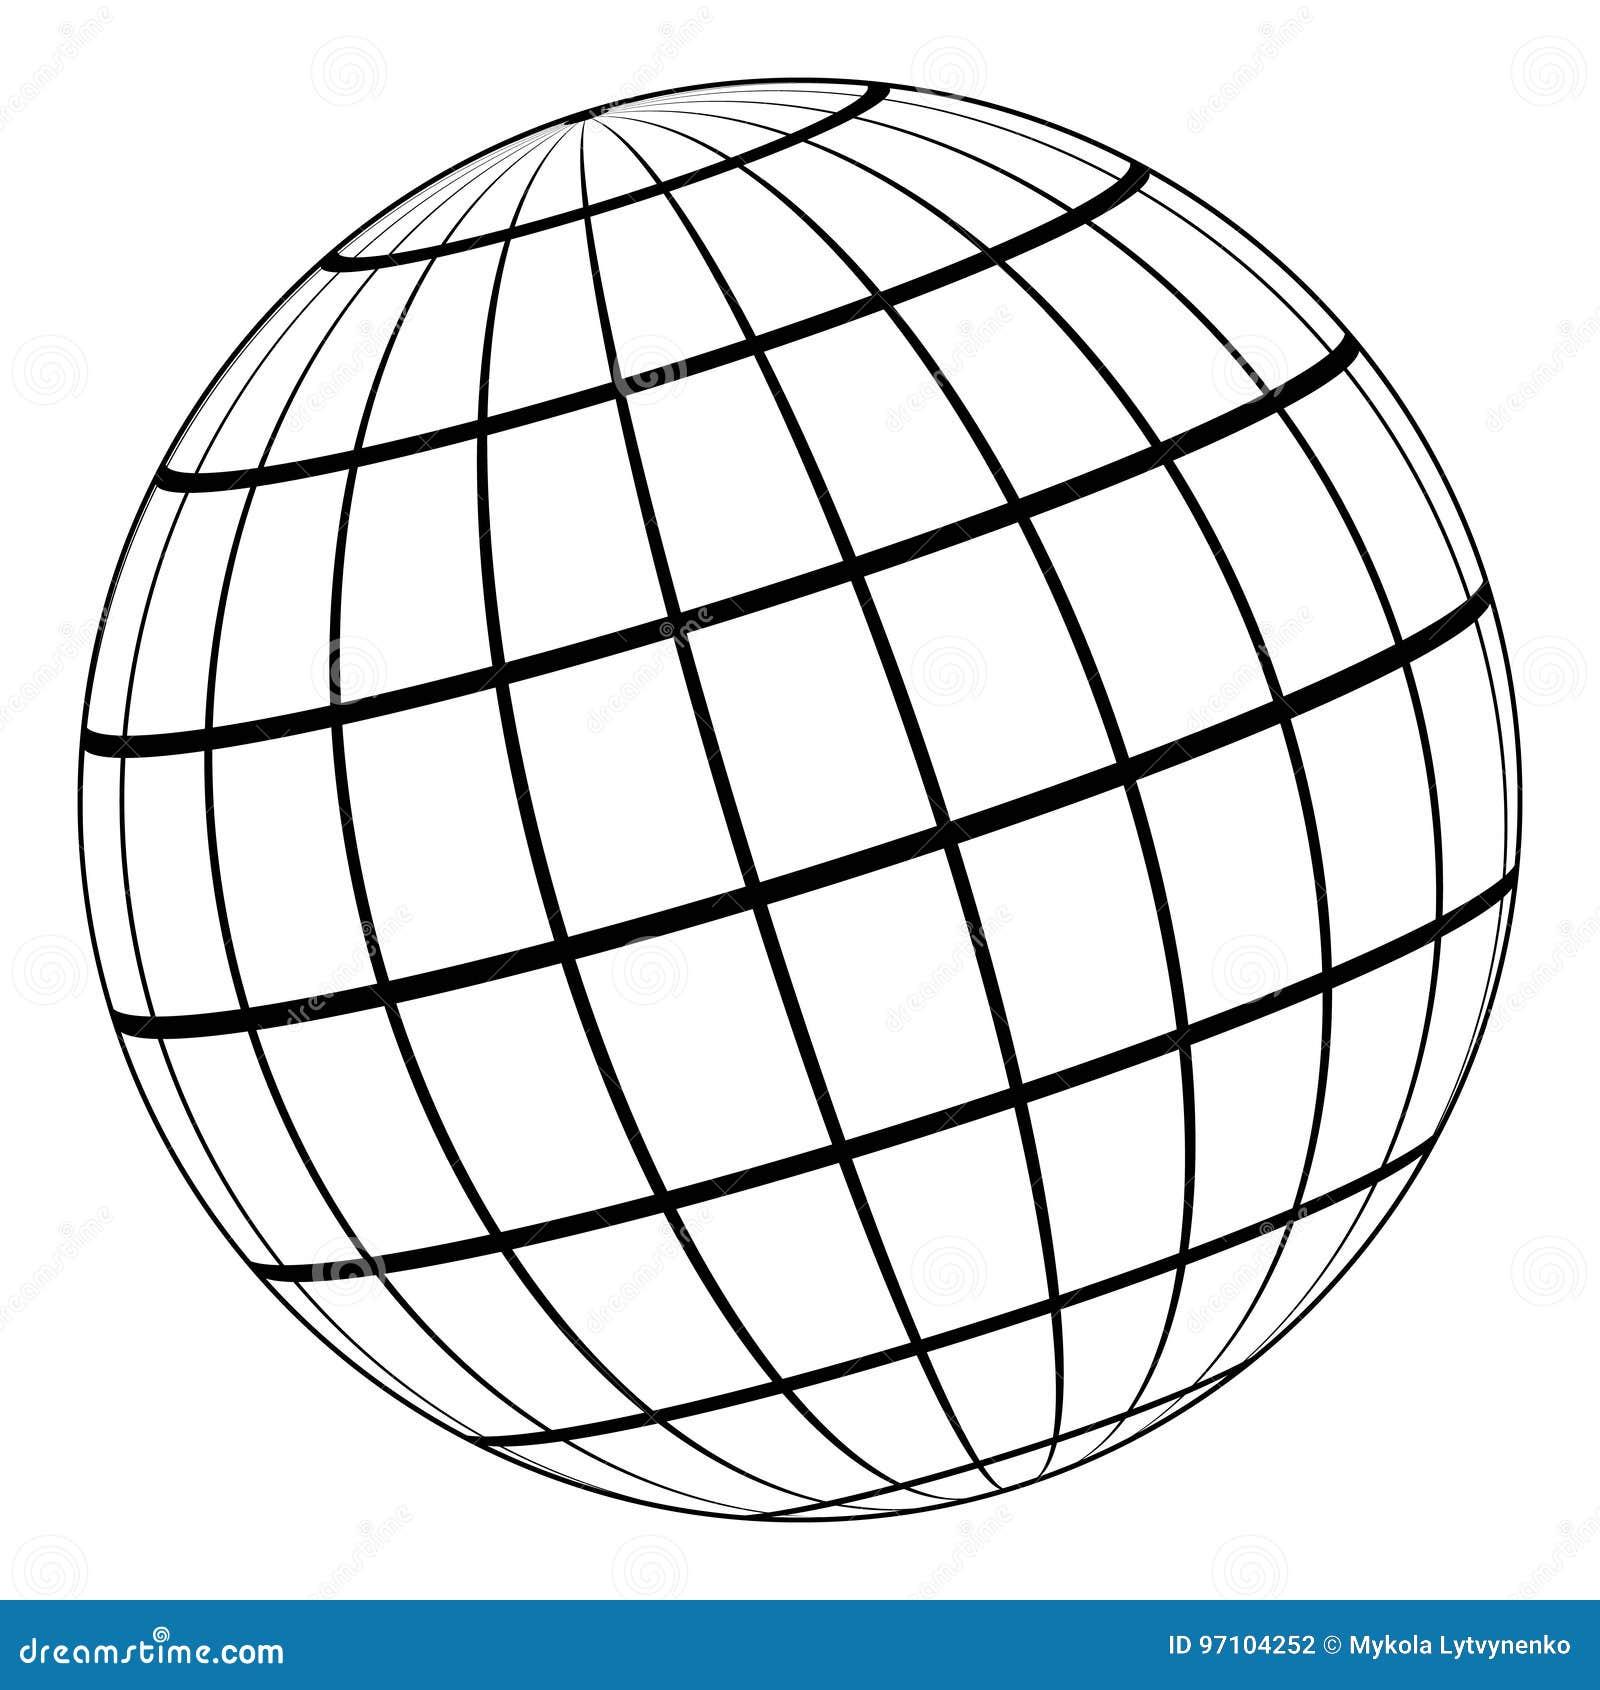 Modell för jordklot 3D av jorden eller planeten, modell av den himmelska sfären med koordinerat raster